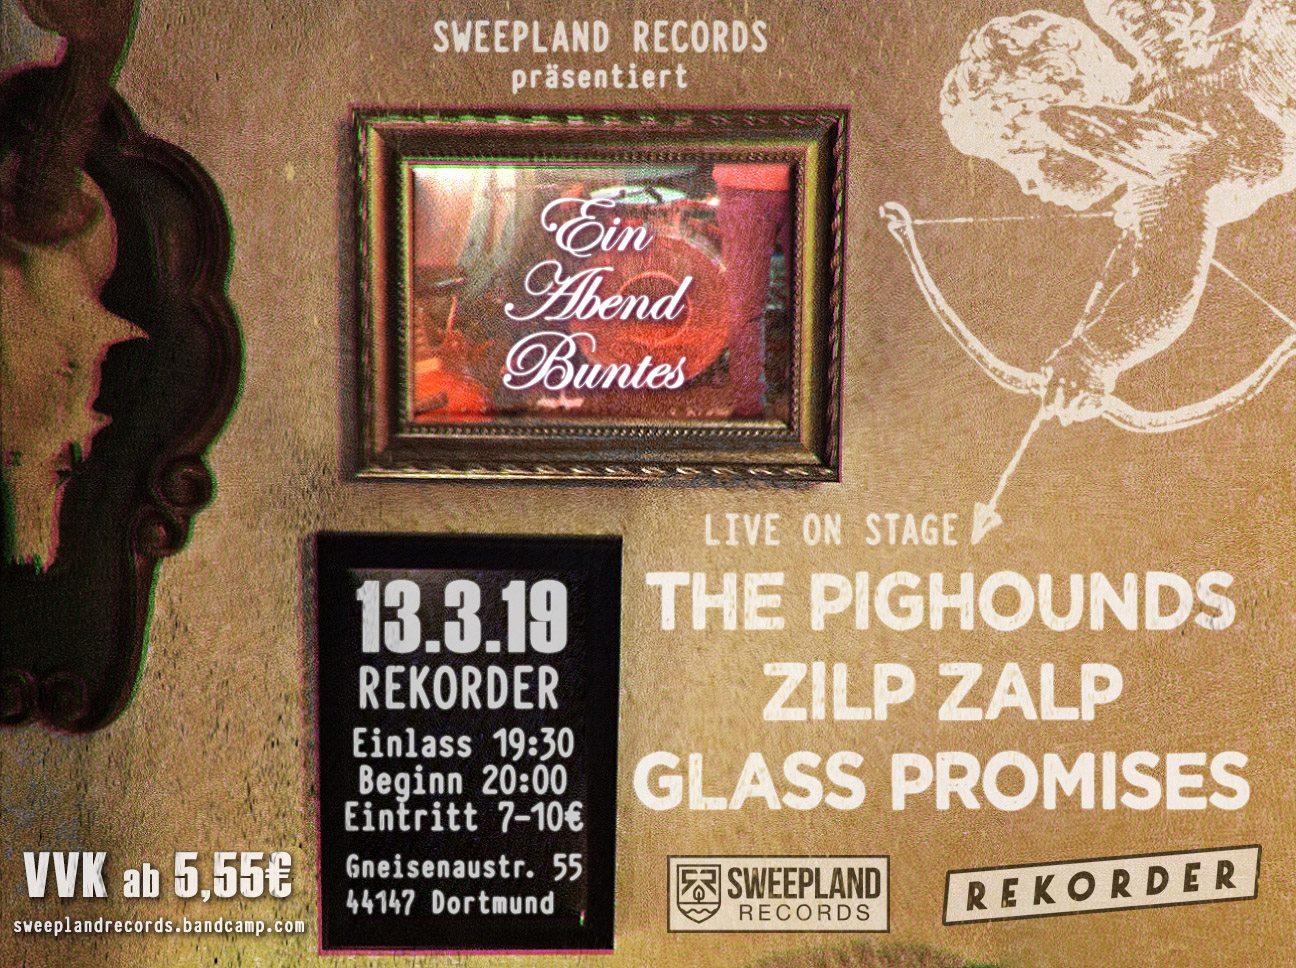 Konzert: The Pighounds, Zilp Zalp, Glass Promises